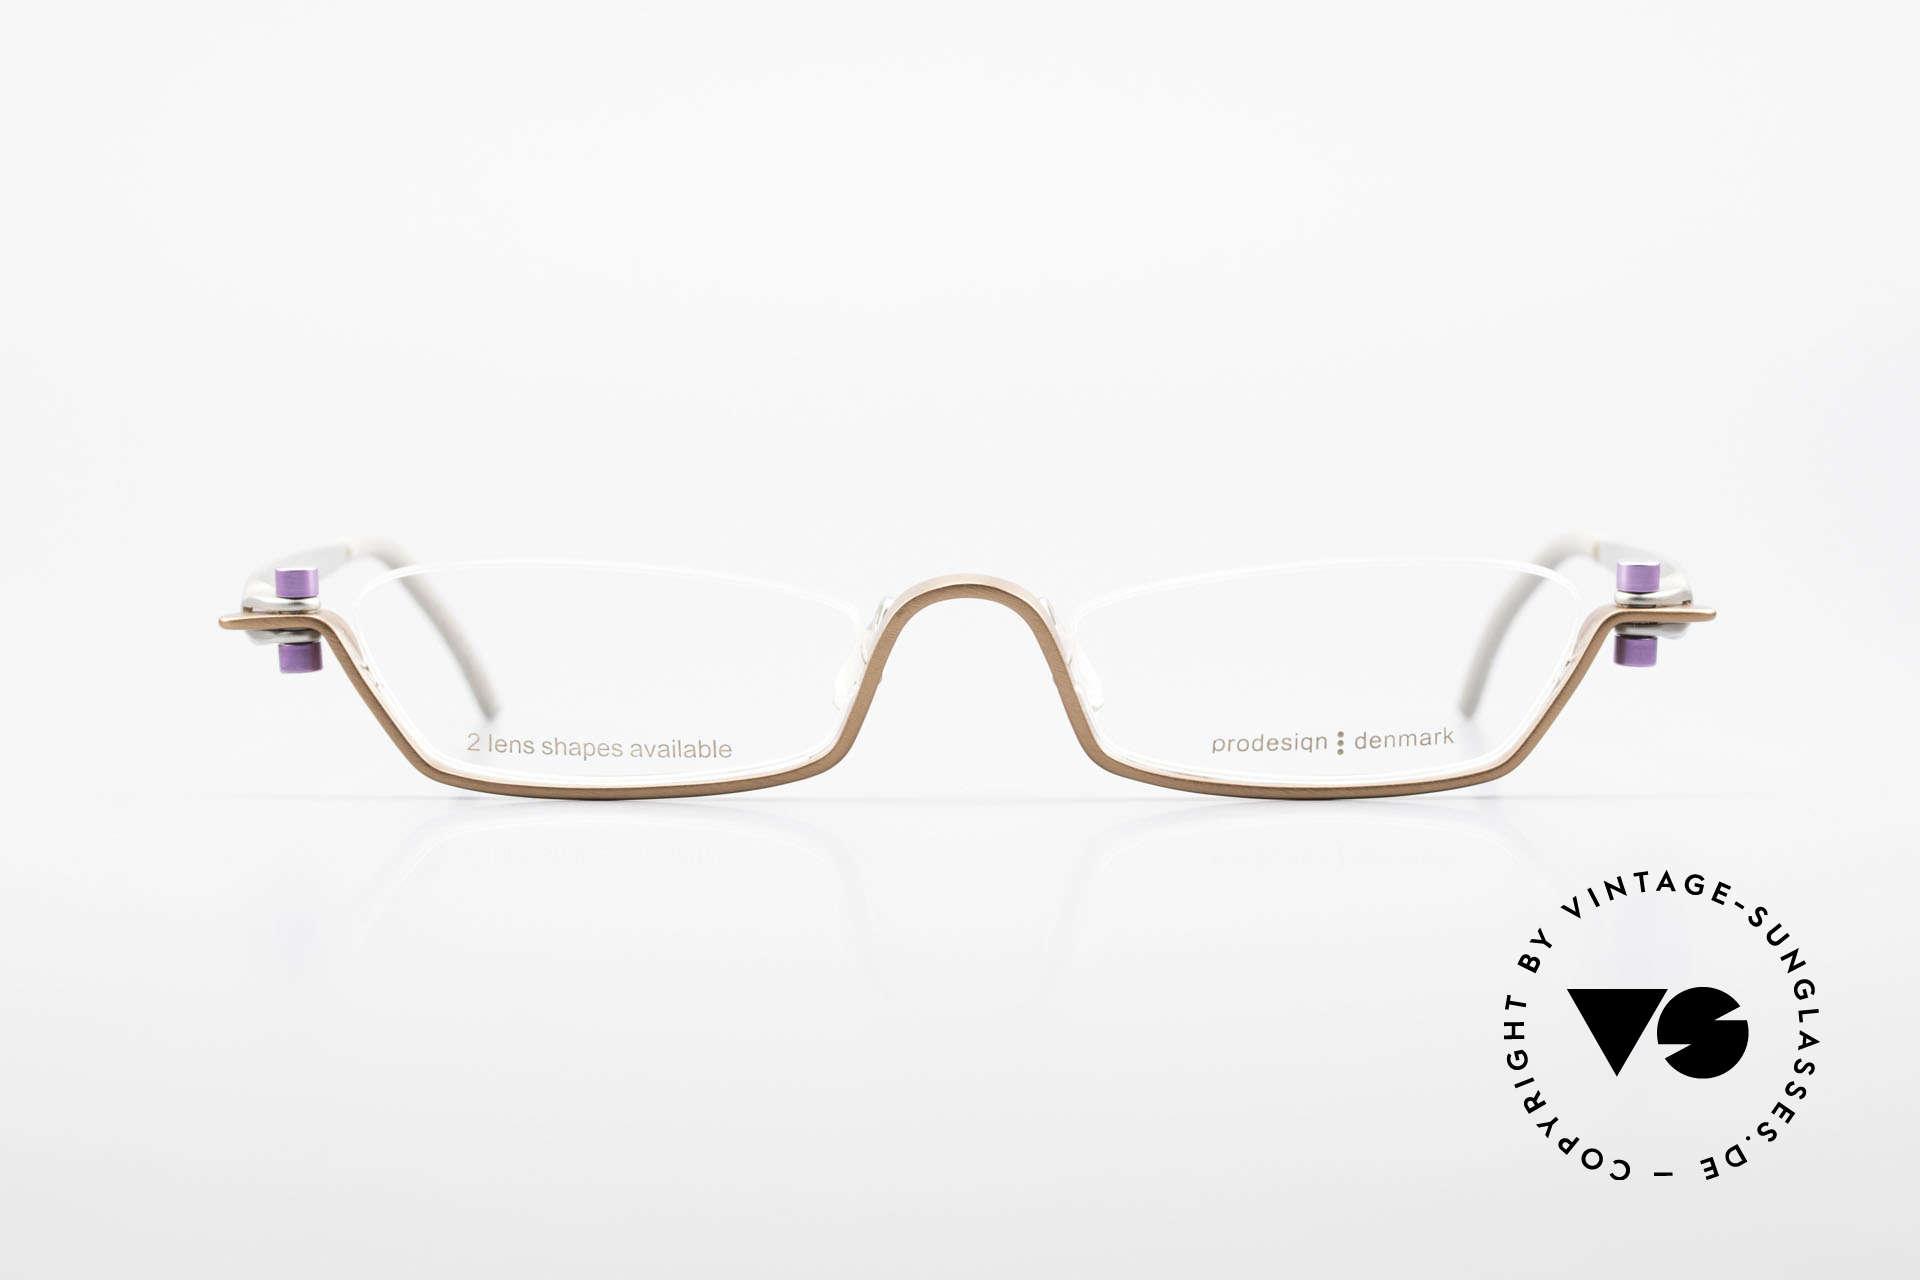 ProDesign 9901 Designer Brille Gail Spence, vintage Aluminium Rahmen im Gail Spence Design, Passend für Herren und Damen